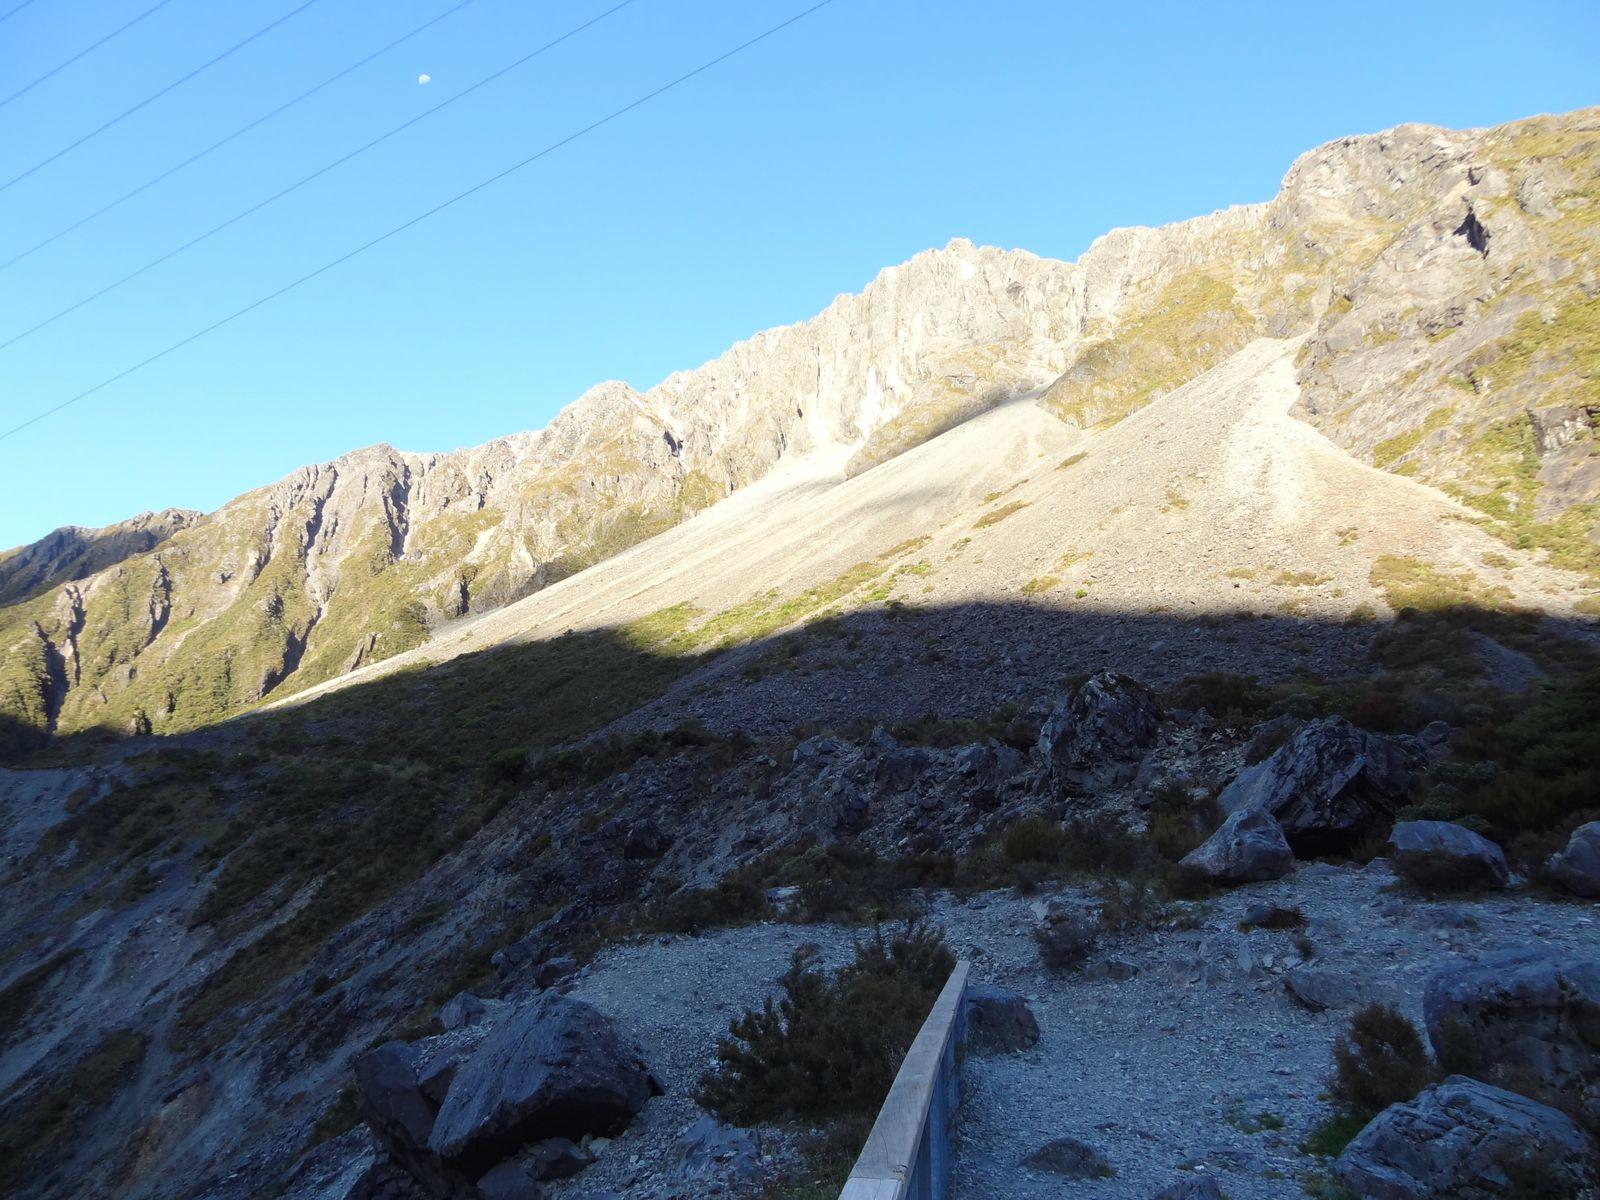 Le col d'Arthur's Pass culmine à 924m d'altitude.